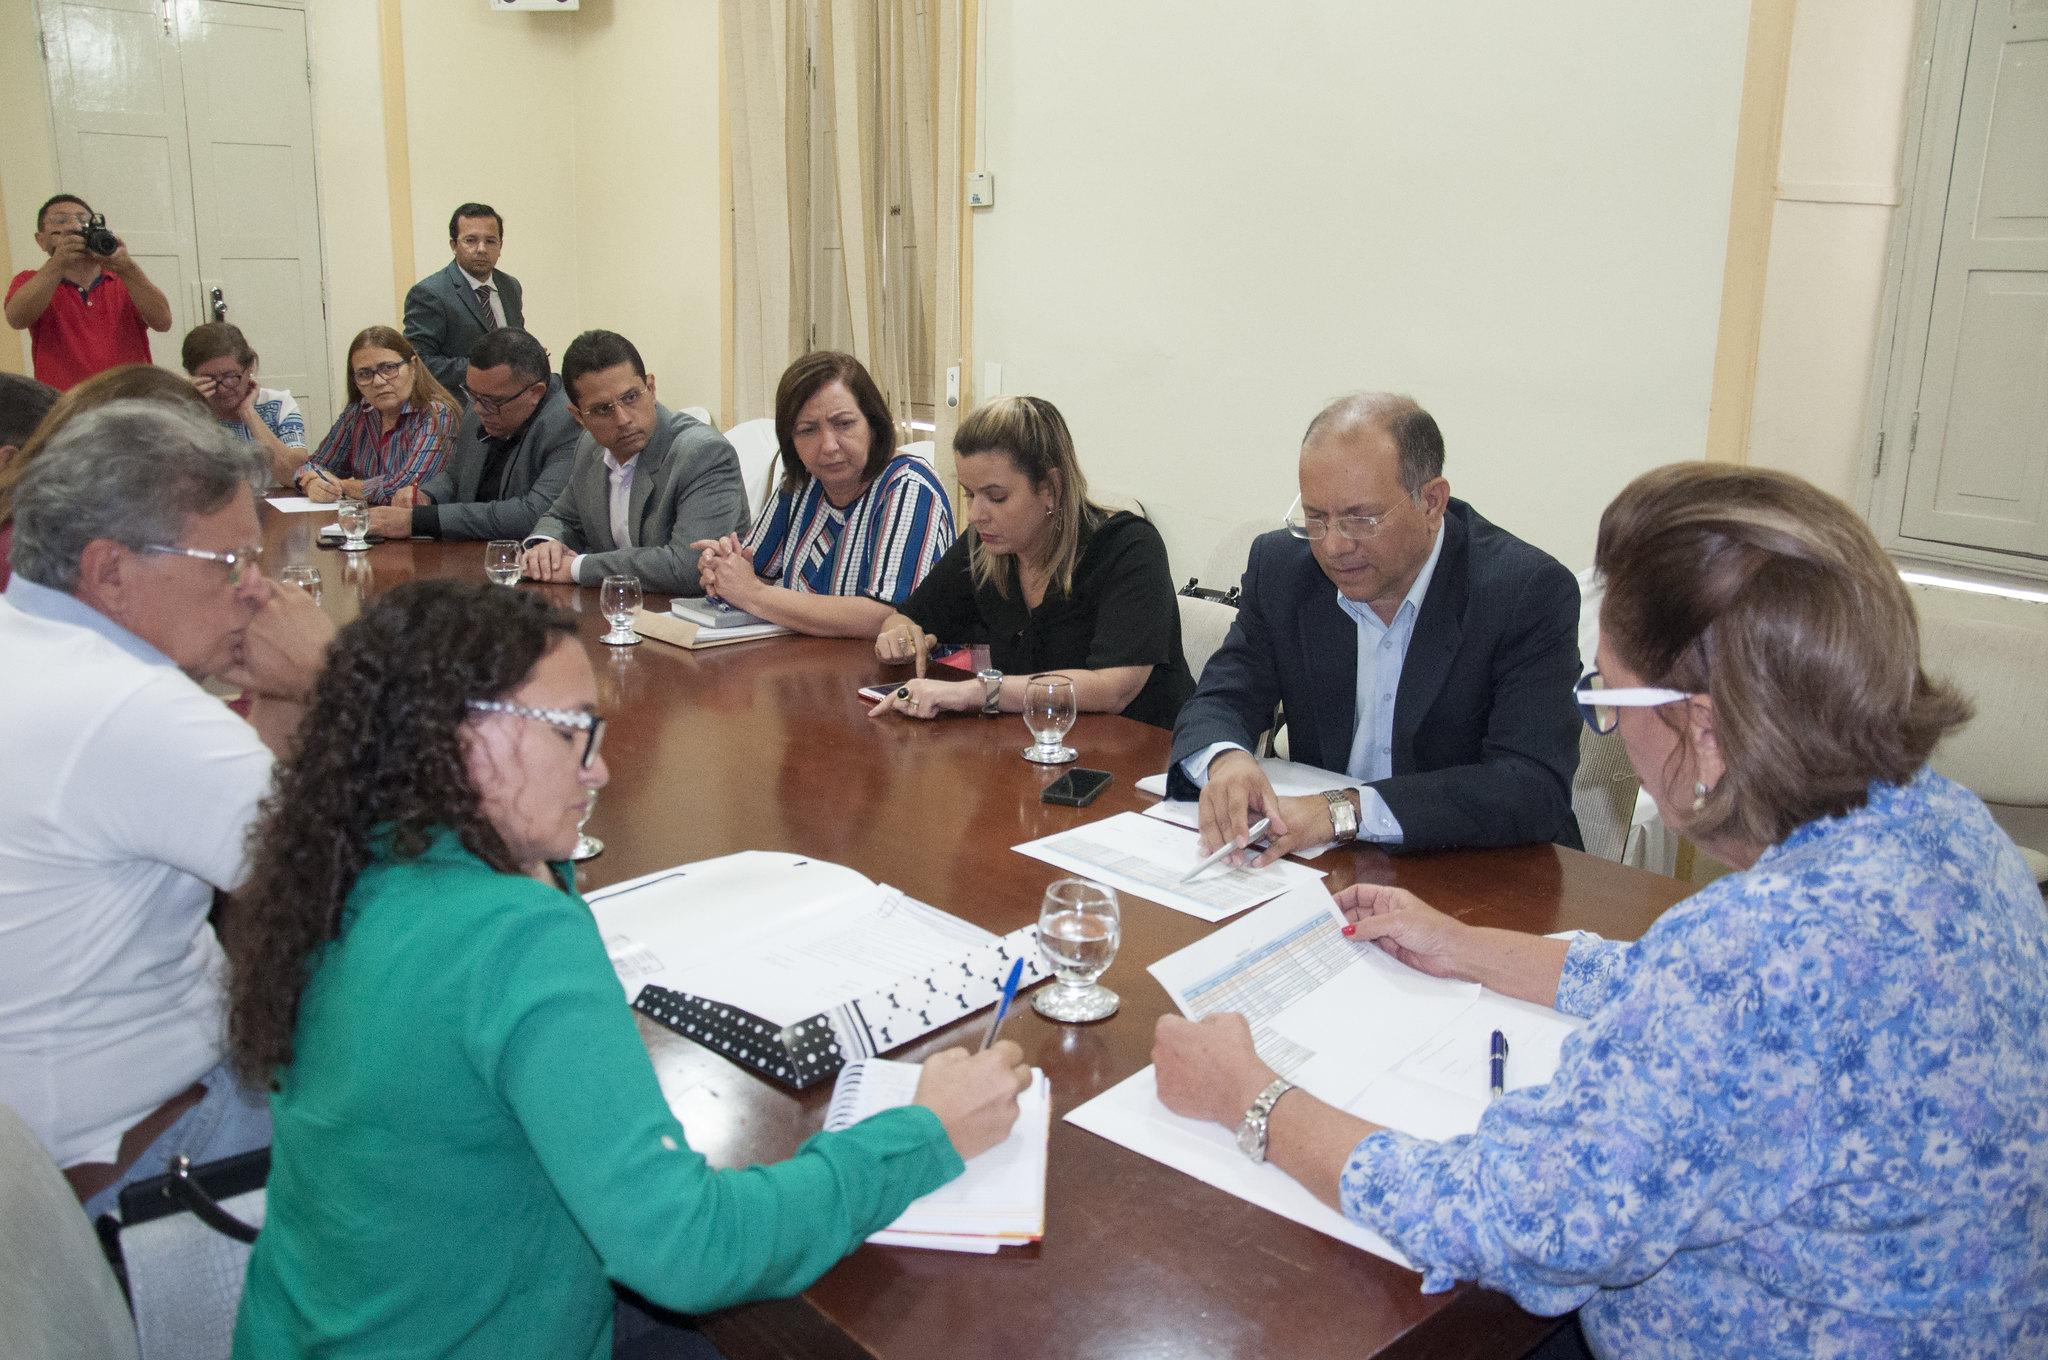 Prefeita apresenta proposta para conclusão de pagamentos pendentes de dezembro e volta a se reunir com o Sindiserpum no final da tarde